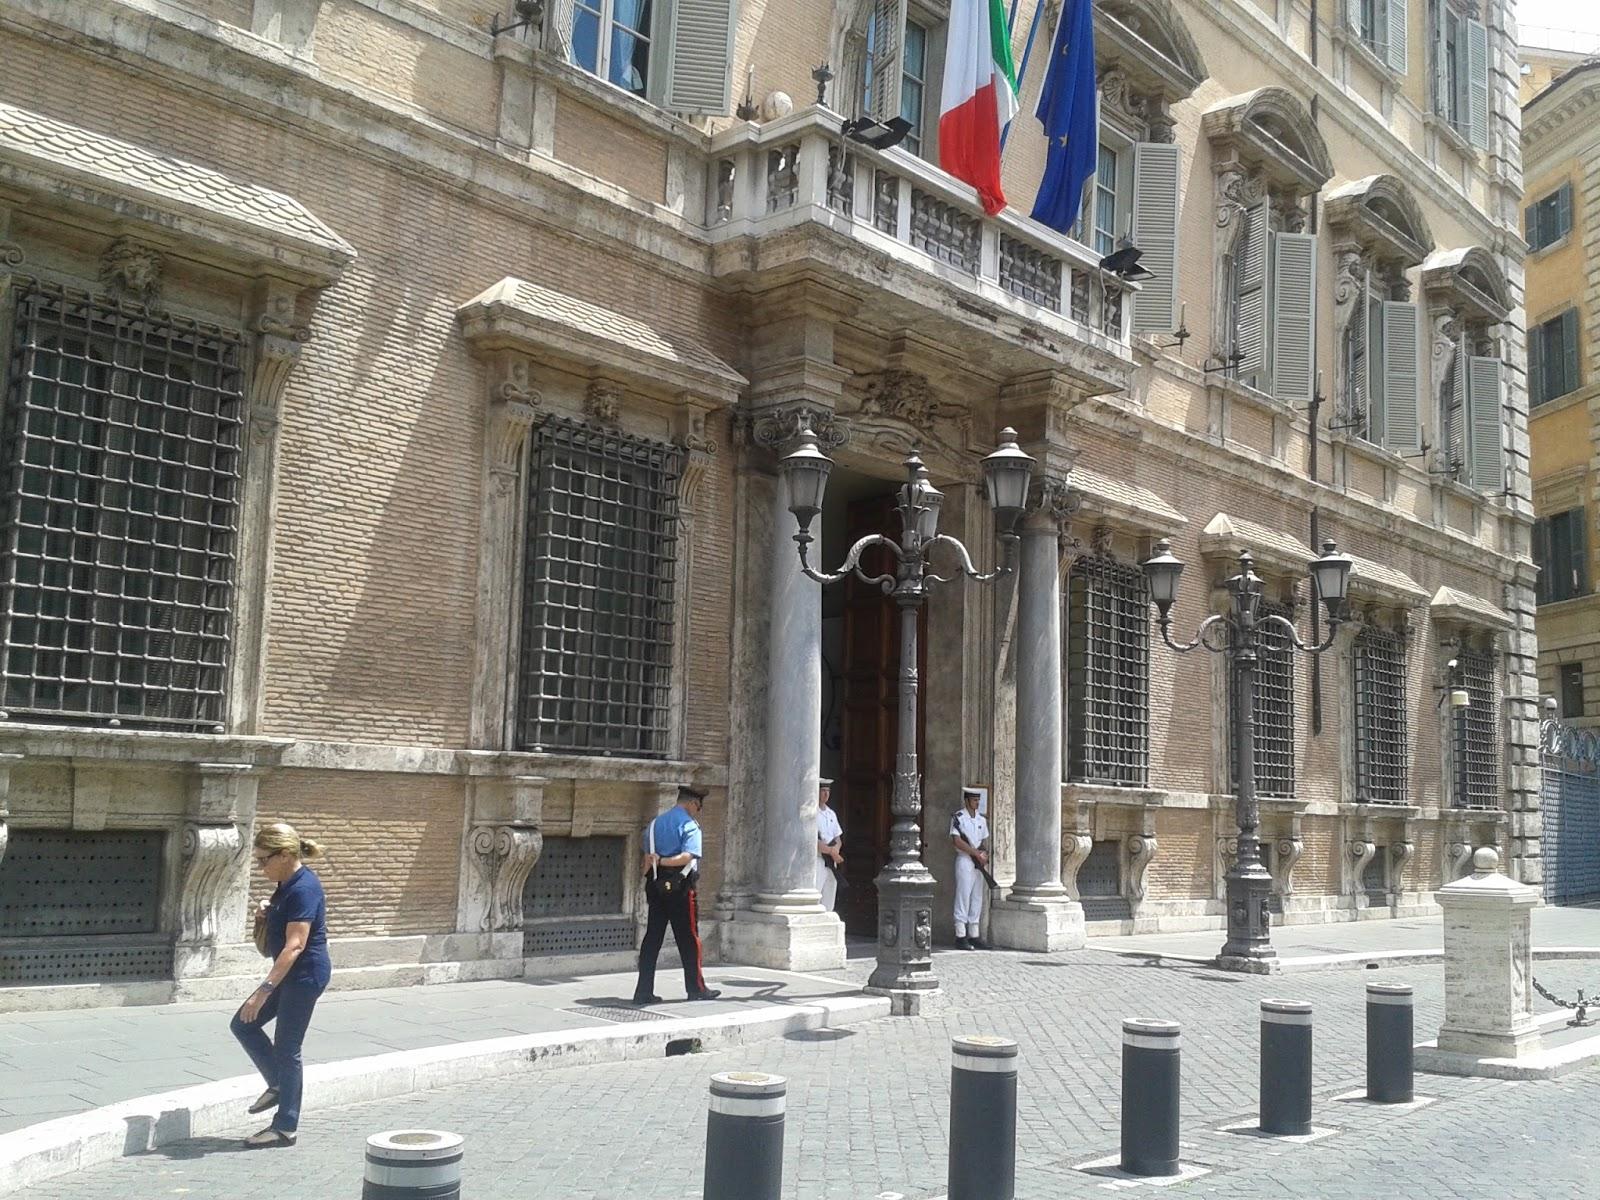 Lettera da atene al parlamento italiano si discuter del for Oggi al parlamento italiano